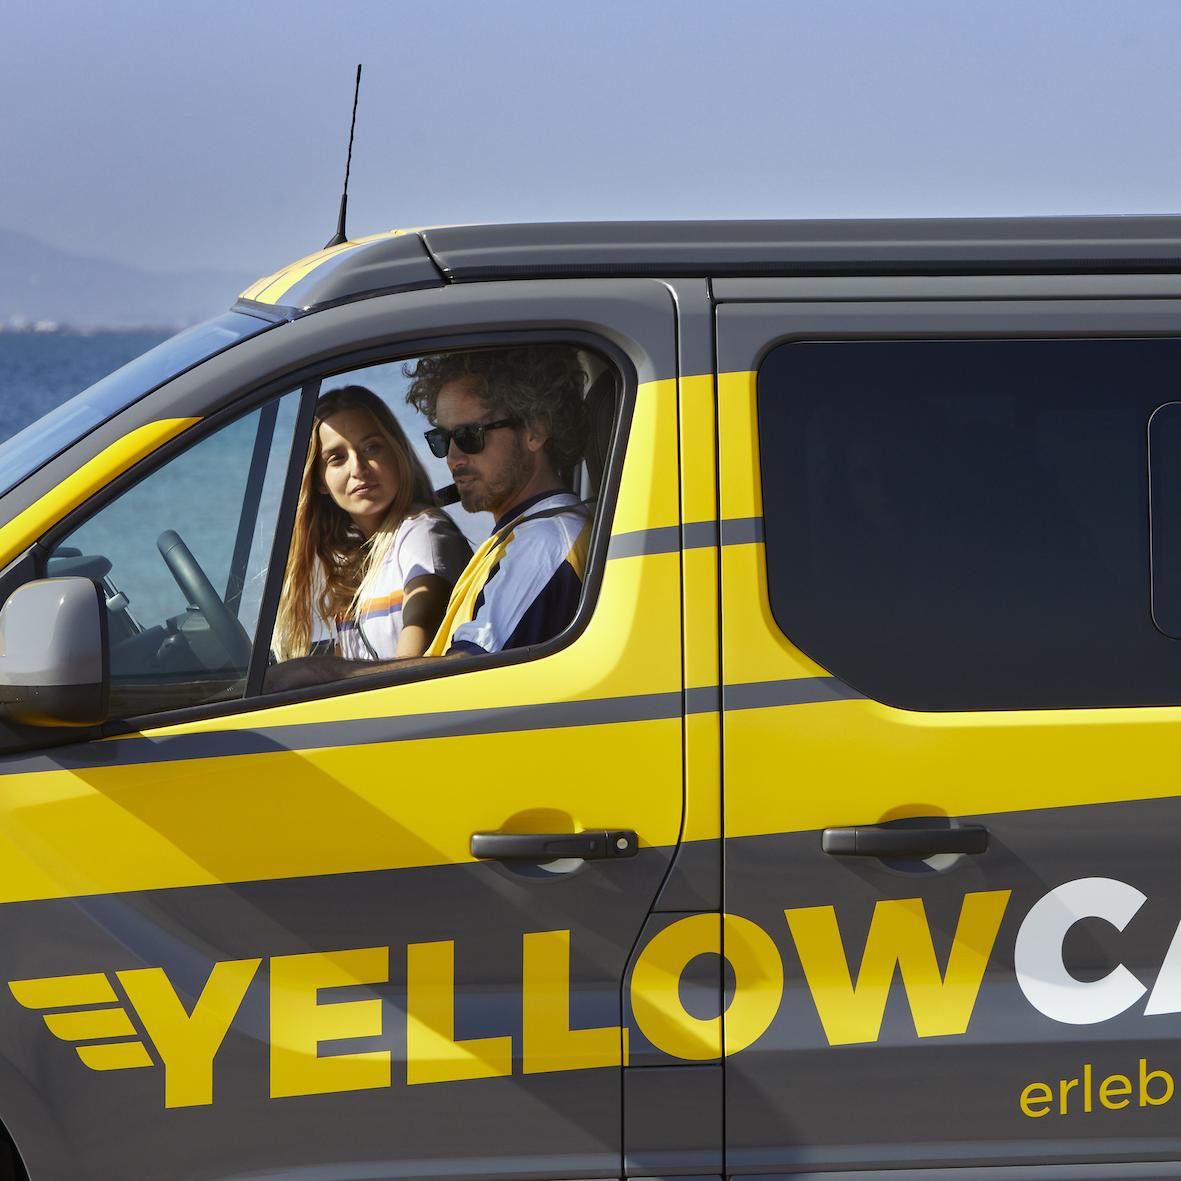 Débutants en camping? Tu trouveras ici des informations utiles pour ton voyage avec le yellowcamper.